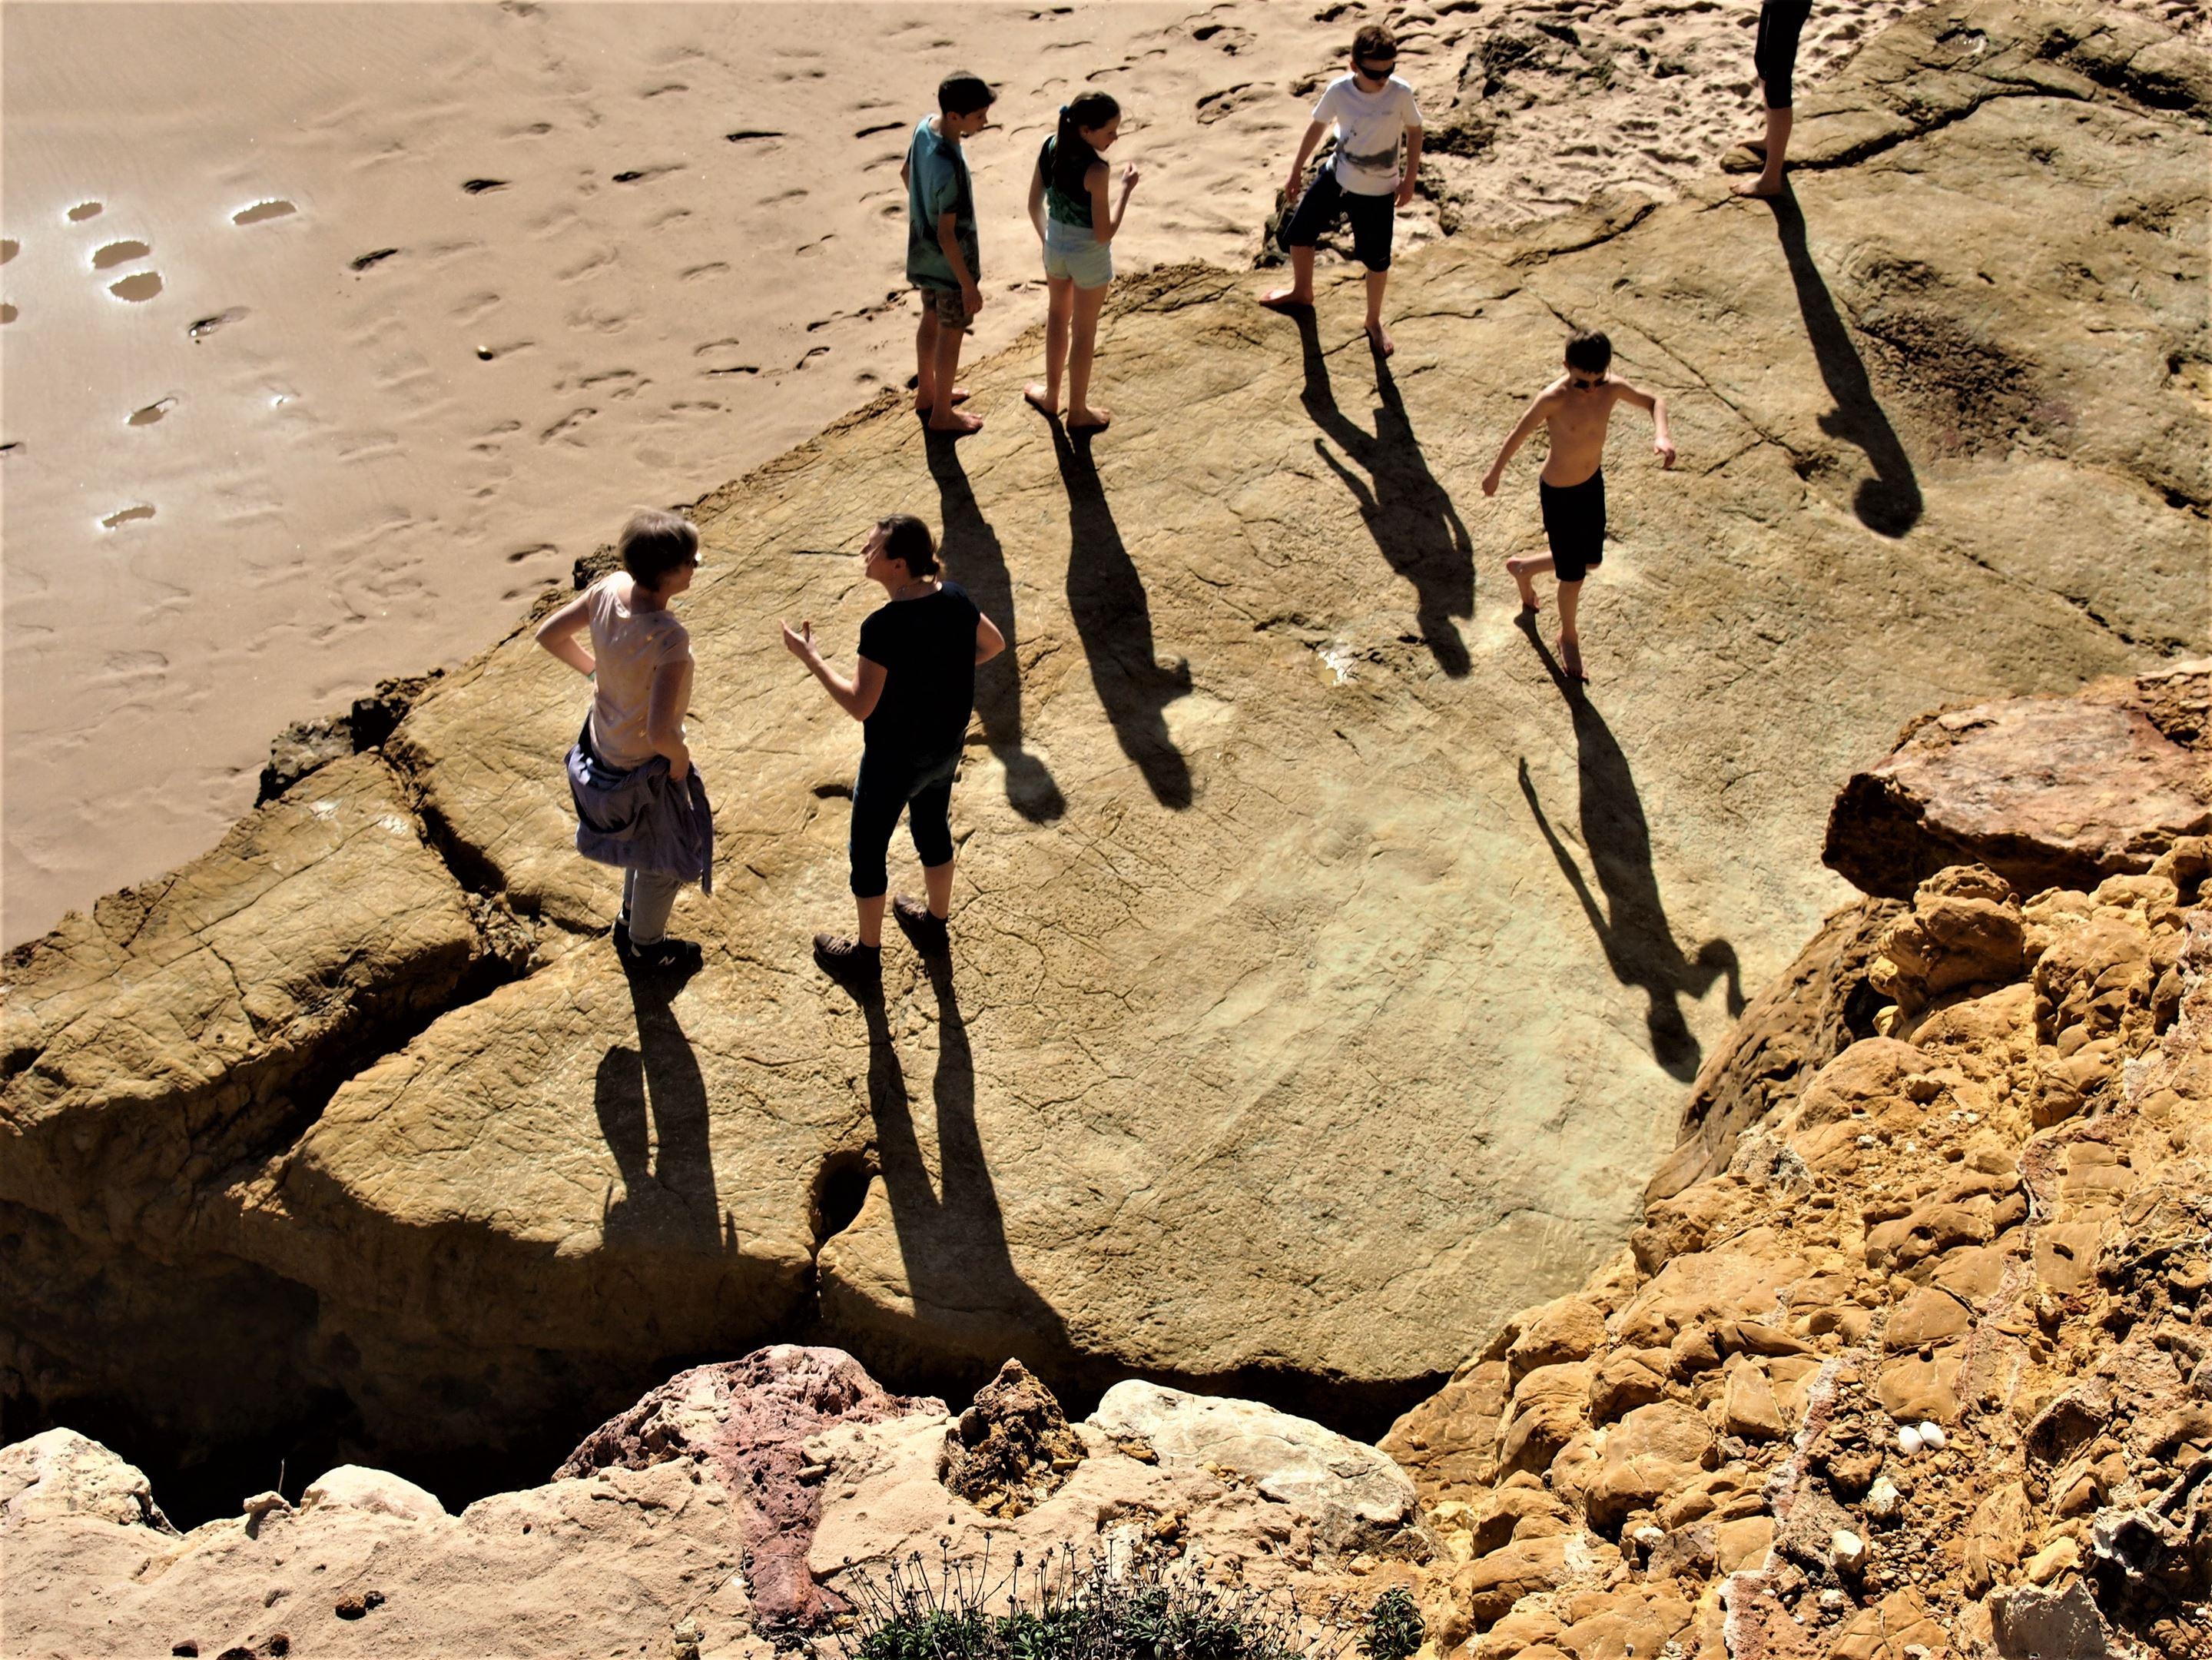 Procurei pelas pegadas de dinossauros. Perguntei a várias pessoas onde as poderia encontrar, mas ninguém acreditava! E de repente, encontrei-as! Agora já acreditam! Praia da Salema, Algarve